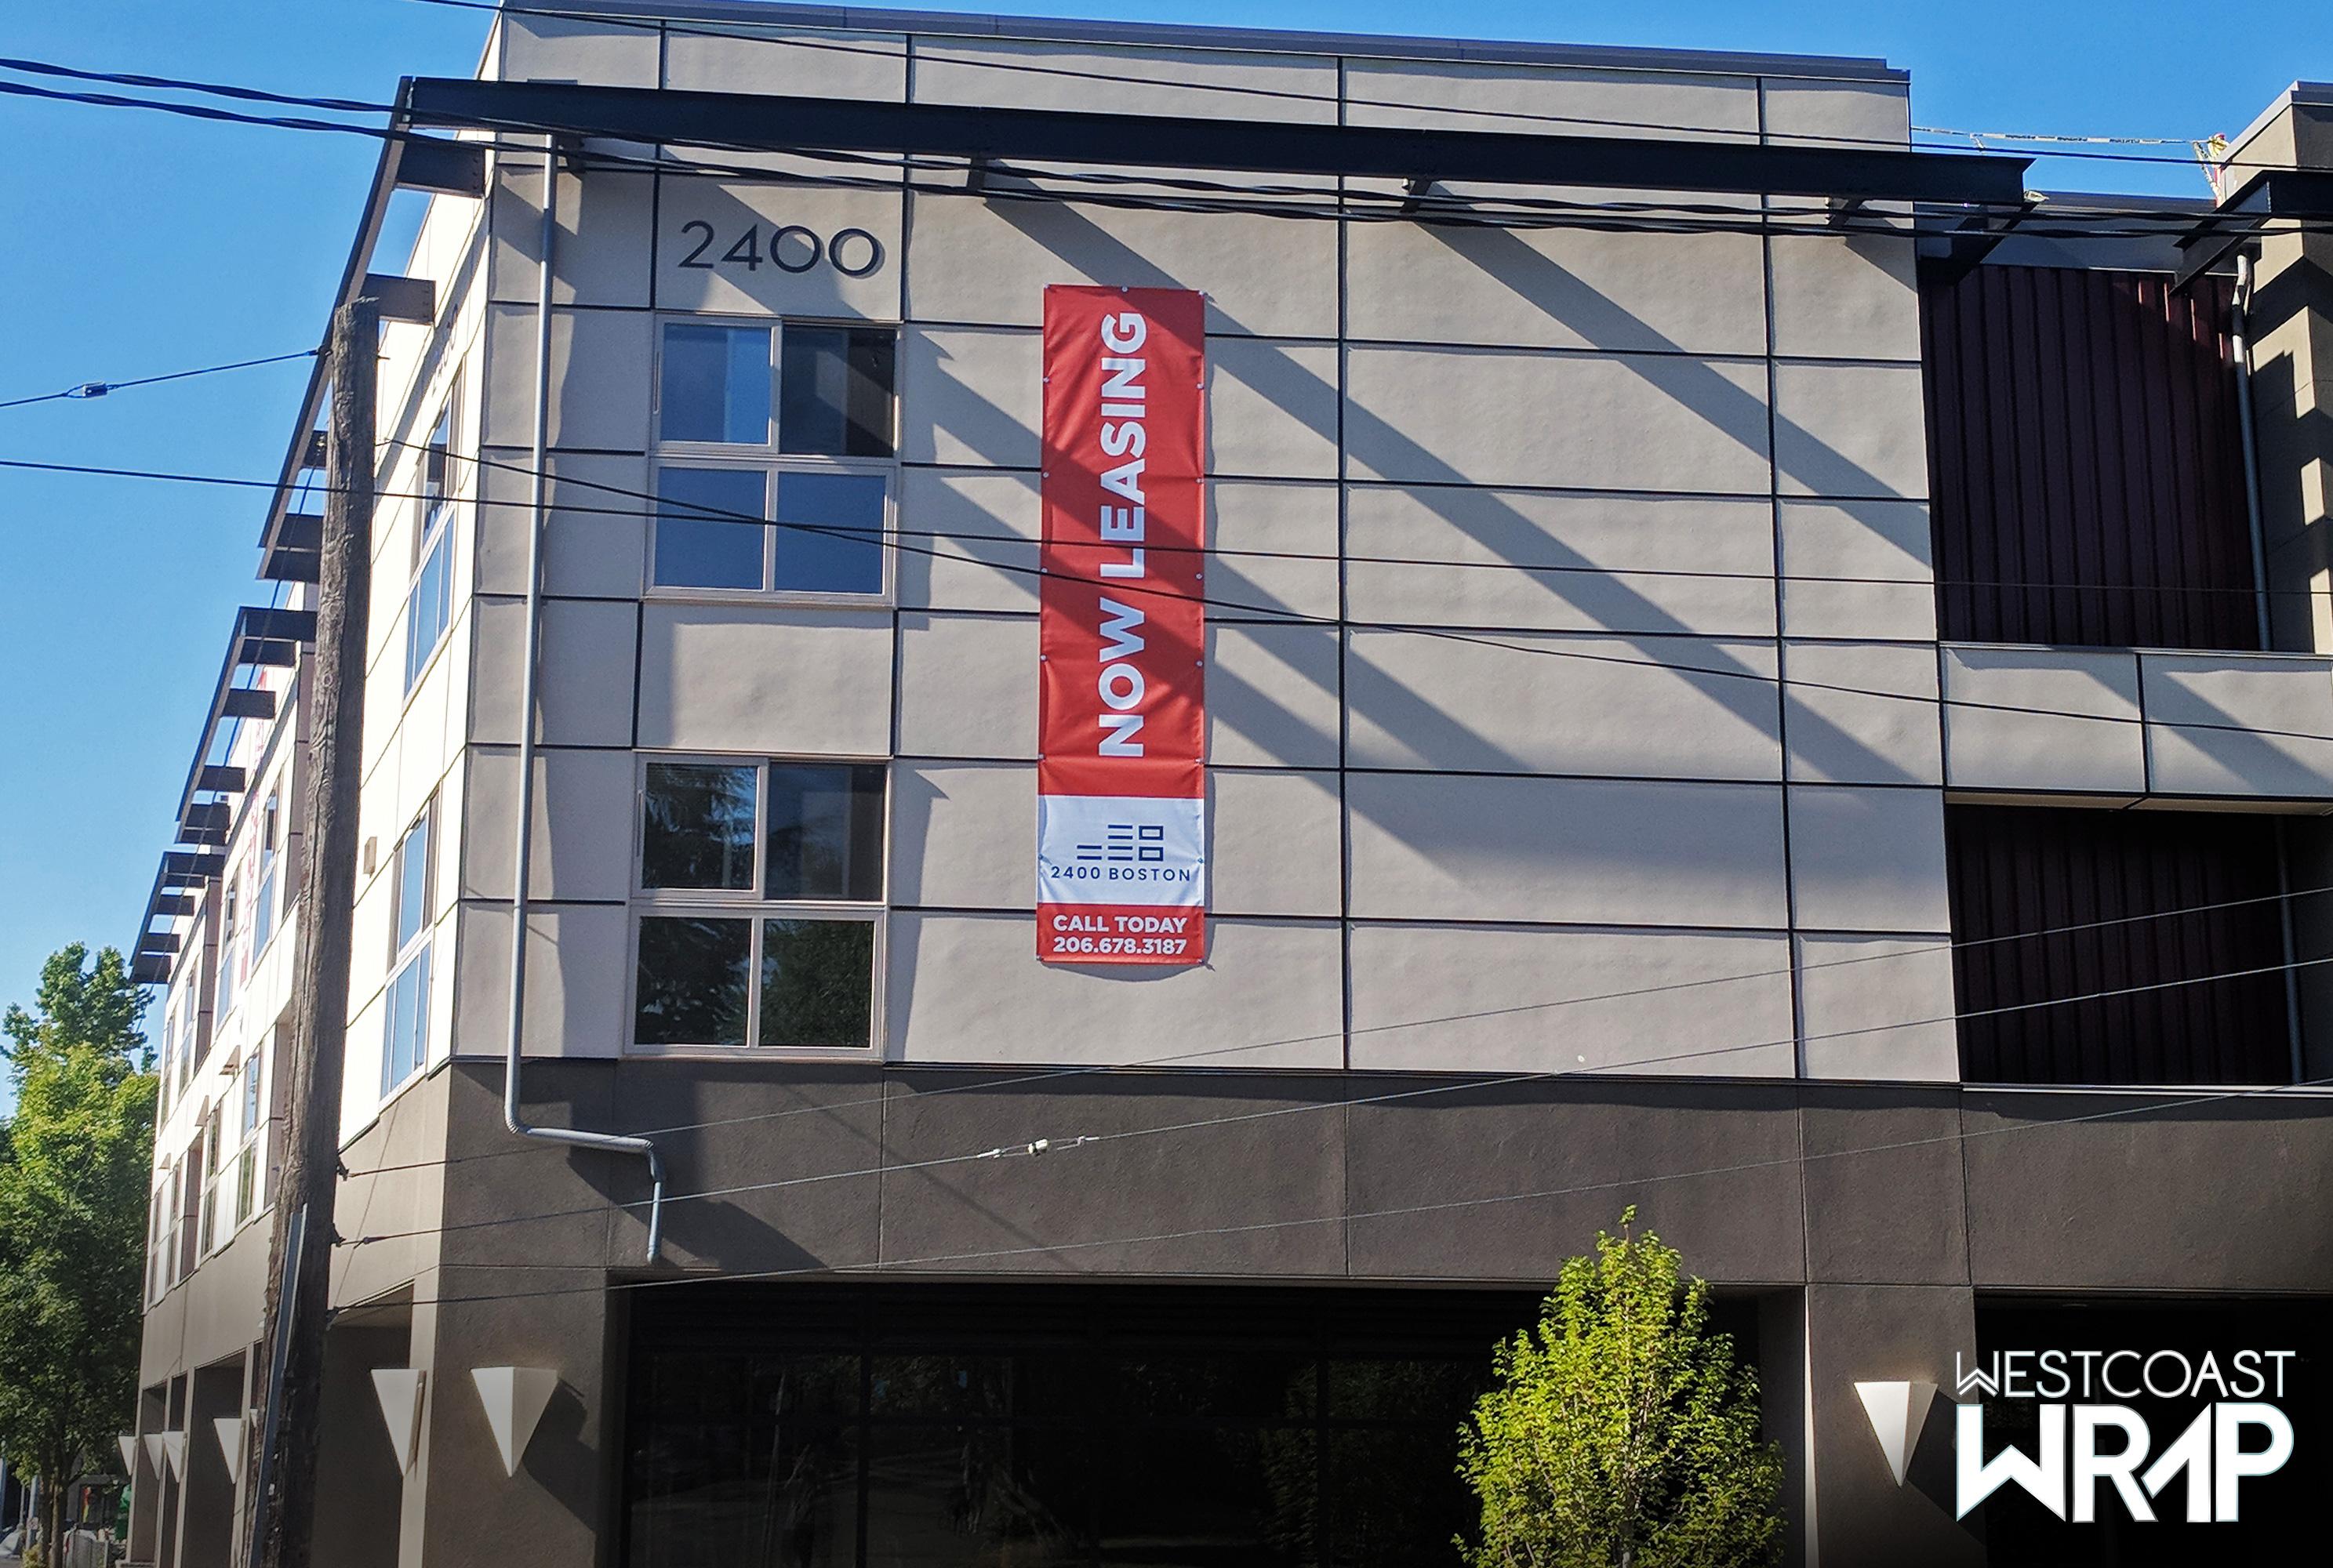 Banners Commercial Real Estate Seattle Westcoast Wrap Seattle Bellevue Westcoast Wrap